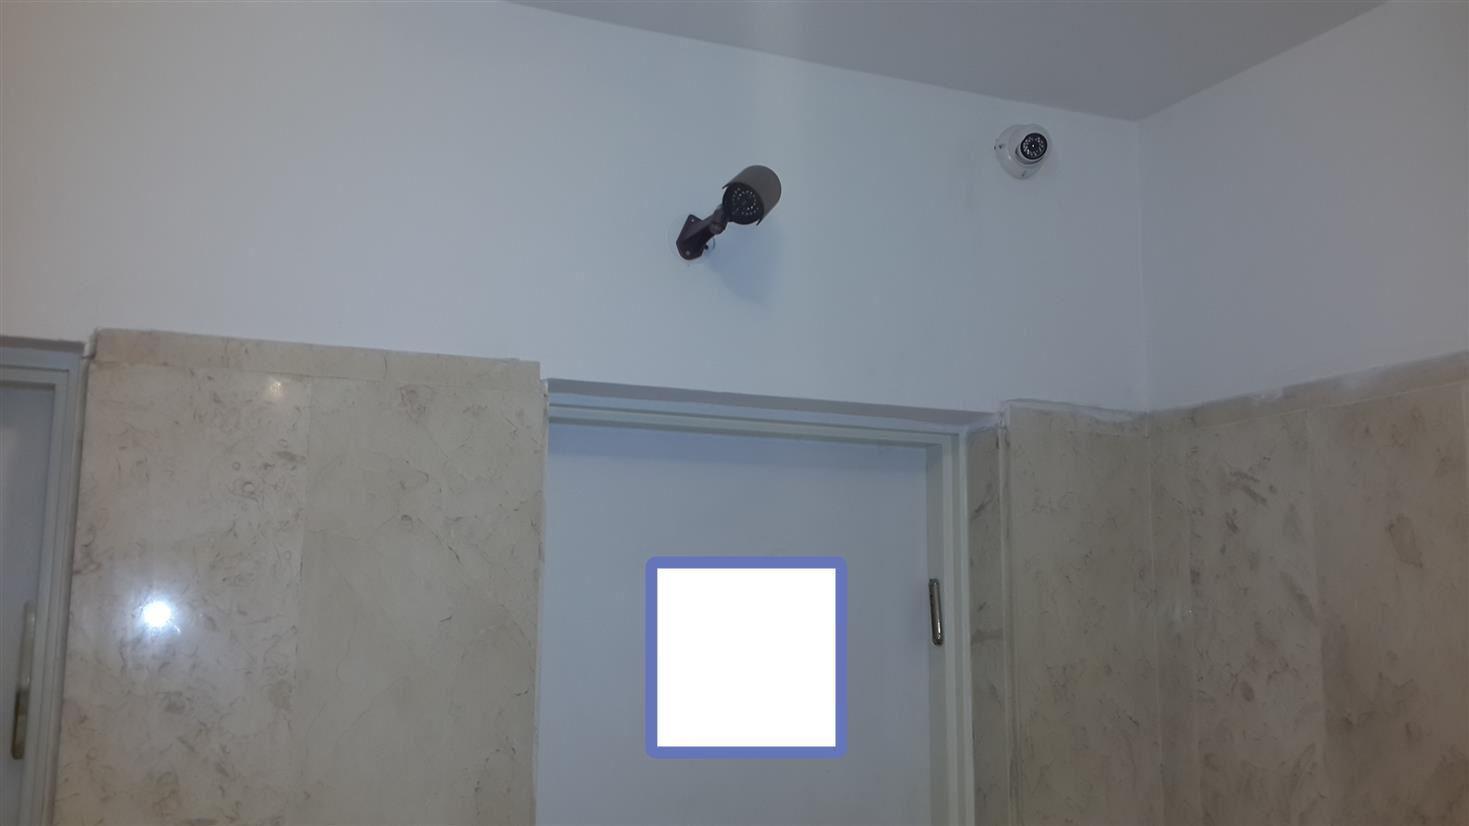 מצלמת רשת כיפה לכניסה לבית